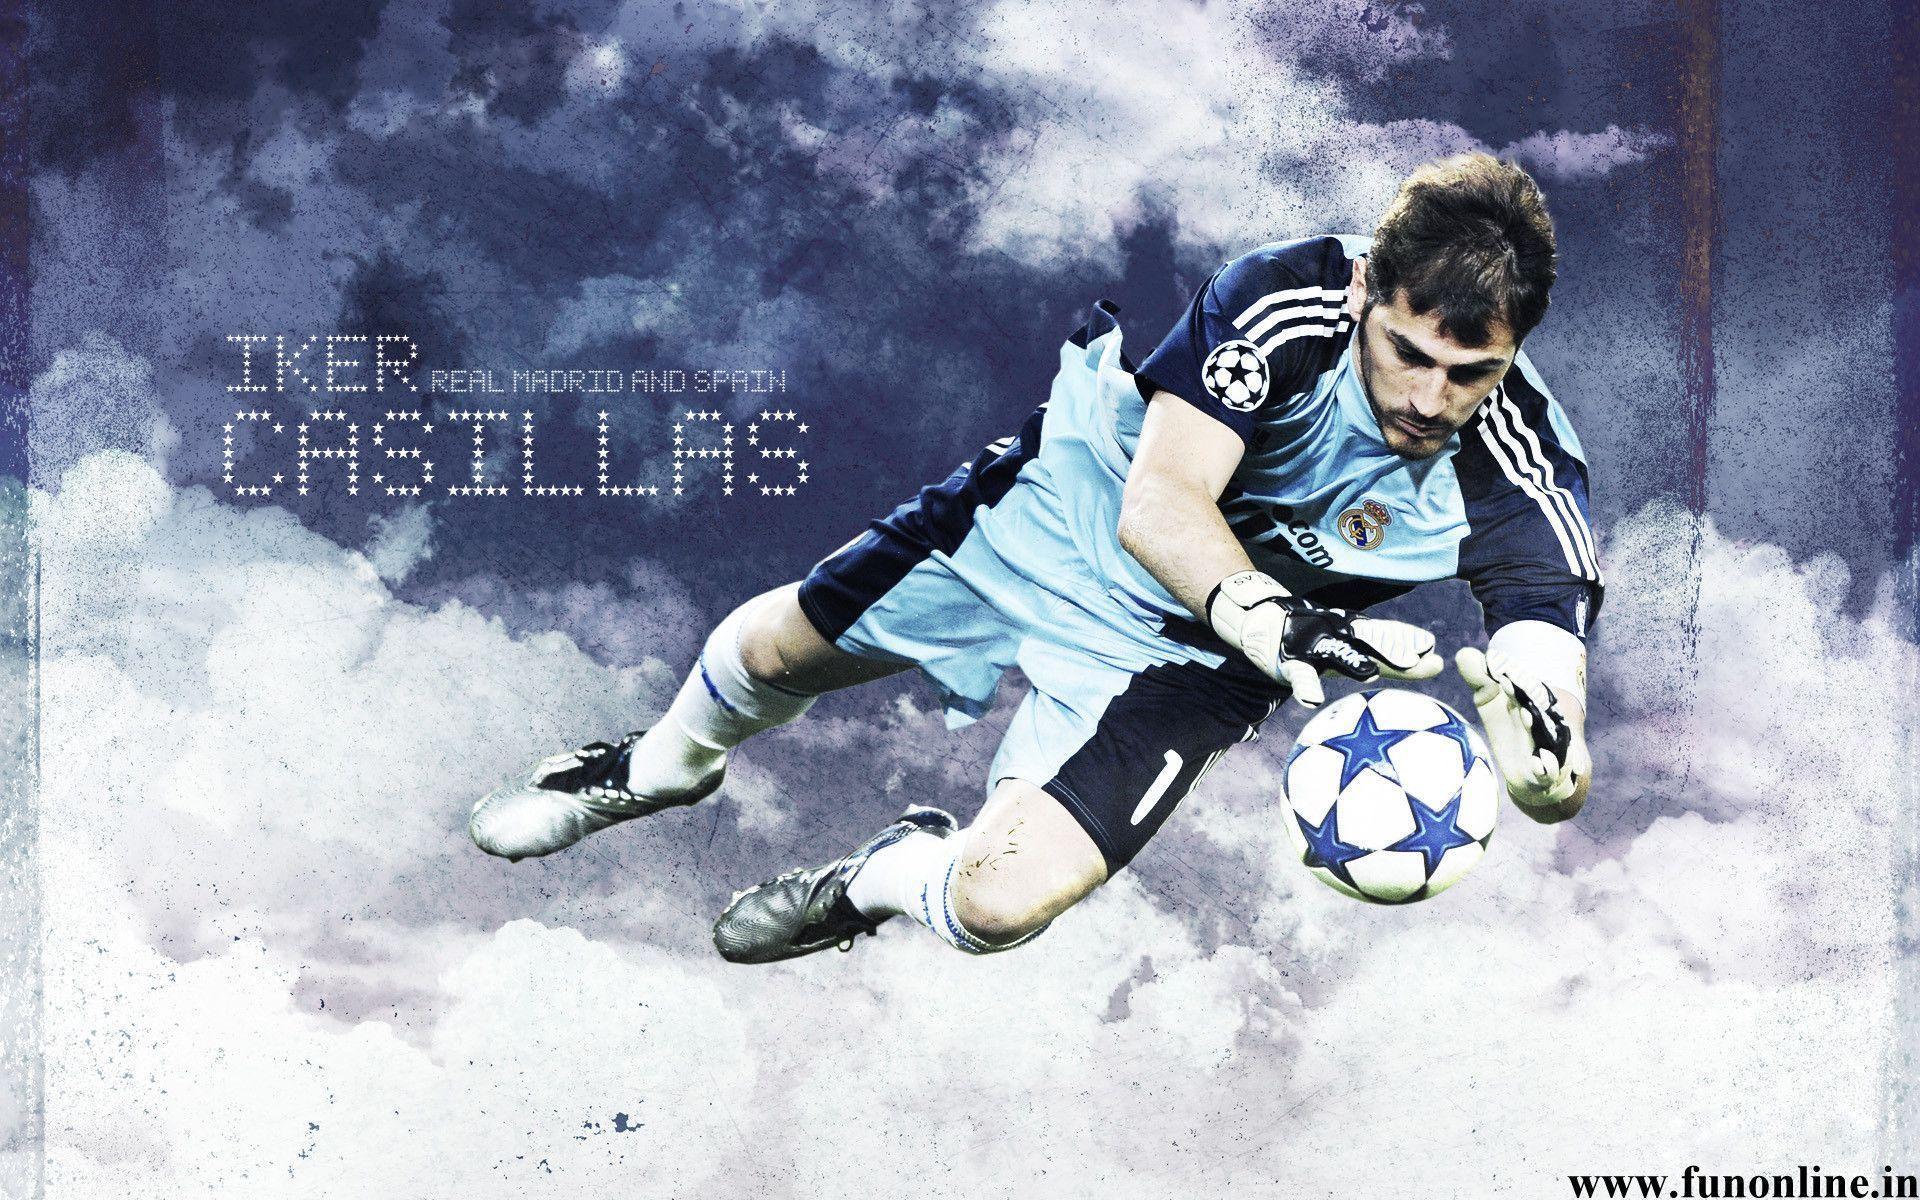 Iker Casillas Wallpapers Goalkeeper HD Wallpaper Free